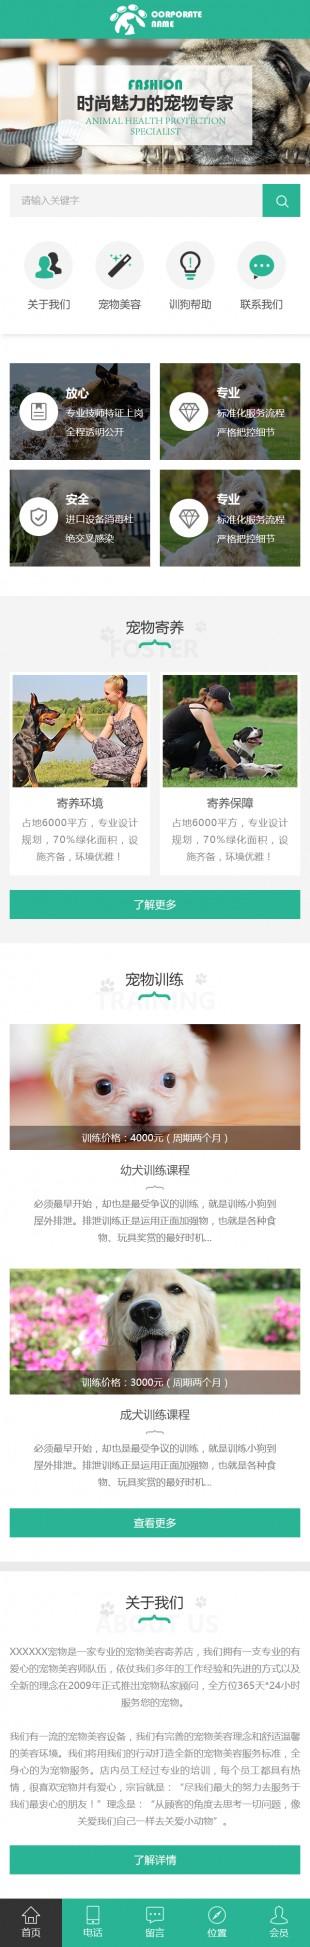 宠物寄养网站建设模板手机图片